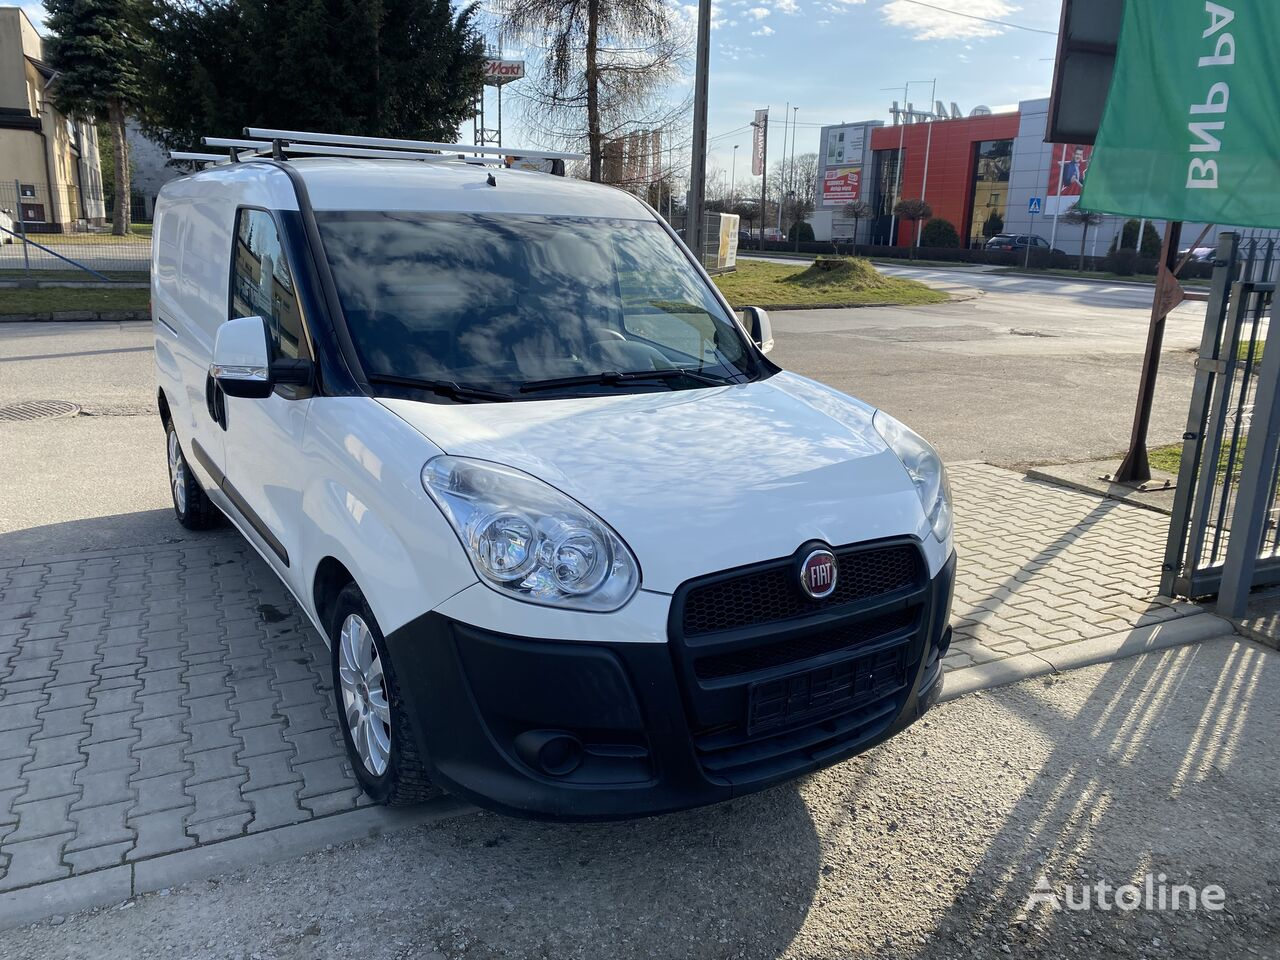 FIAT Doblo 1.6 car-derived van